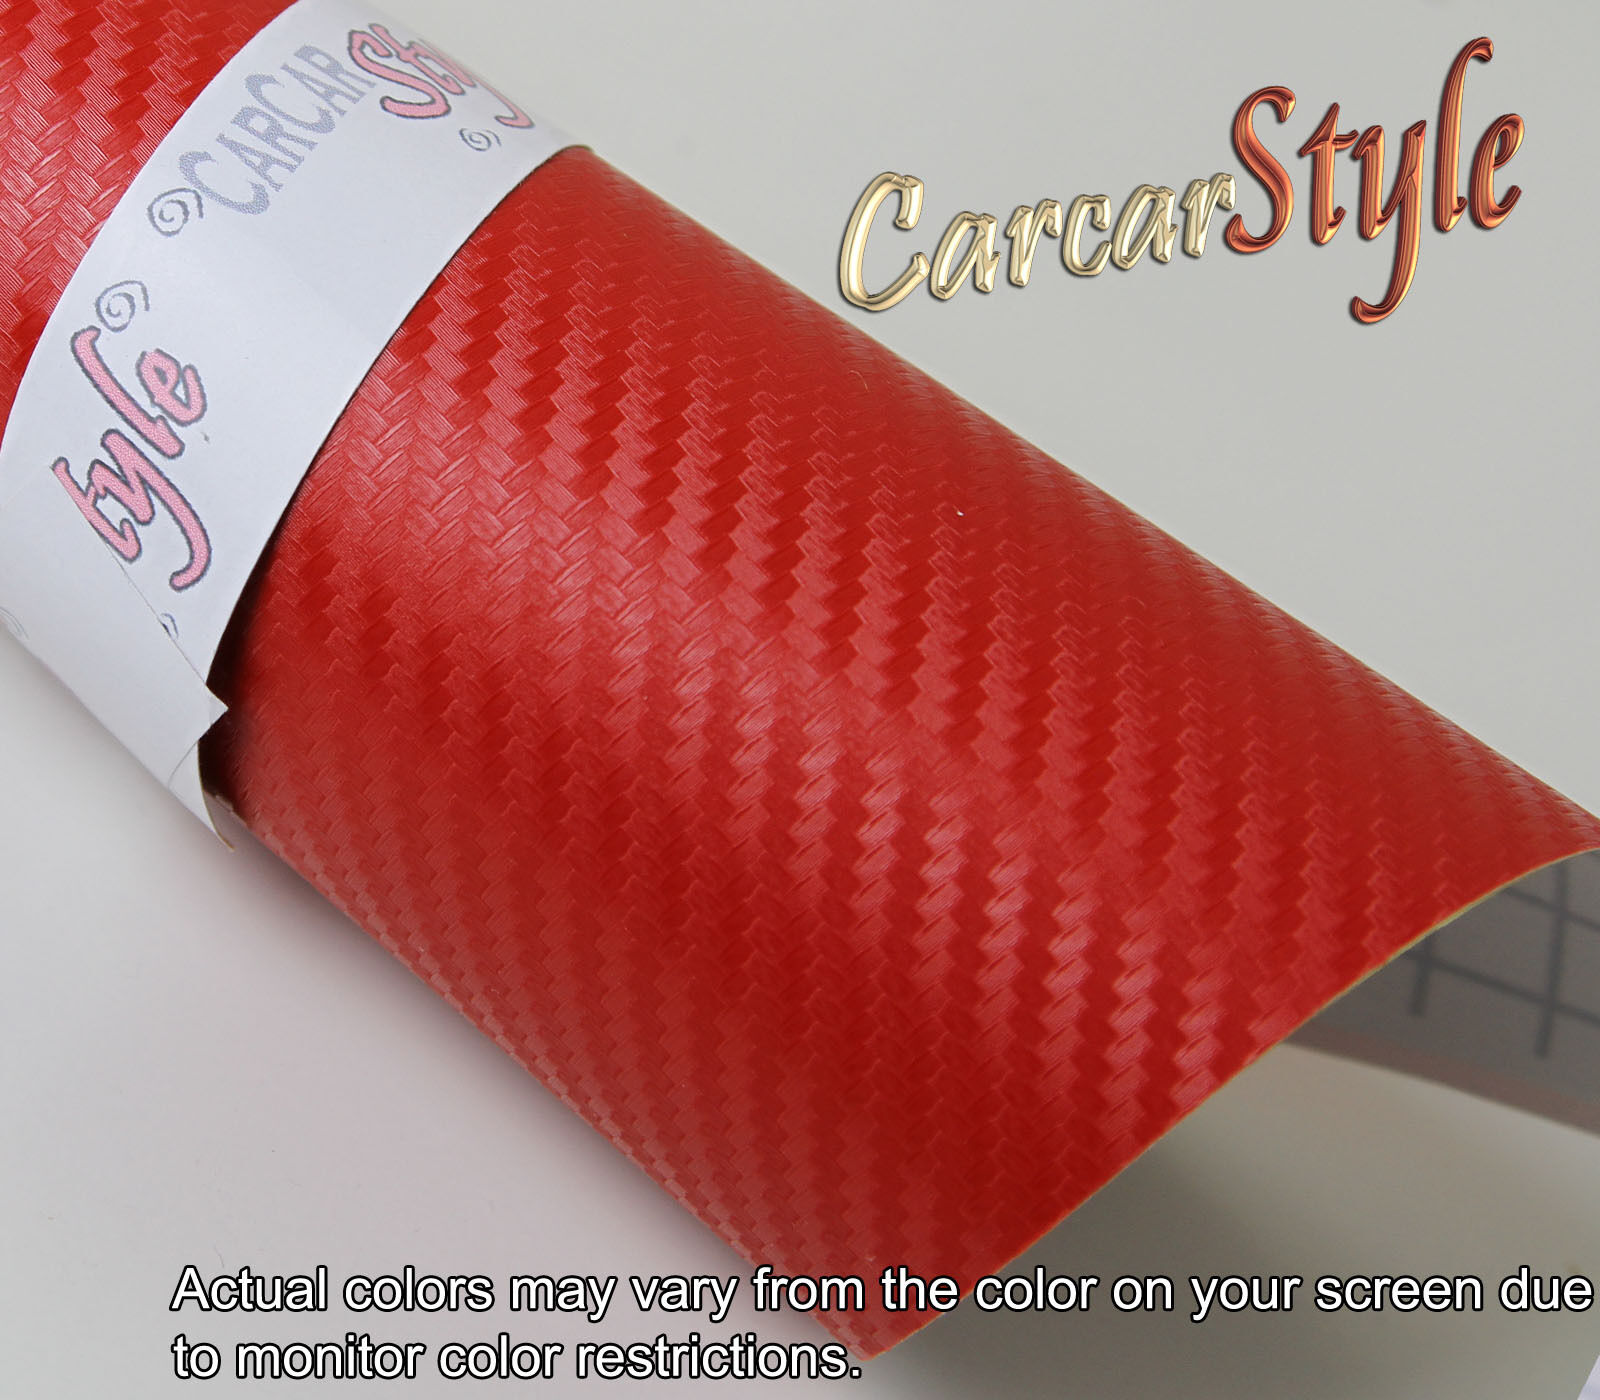 Autocollant Vinyle Fibre Fibre Fibre Carbone Texturé 3D A4 200x300mm Tout couleur Sans Bulle 2e2a50